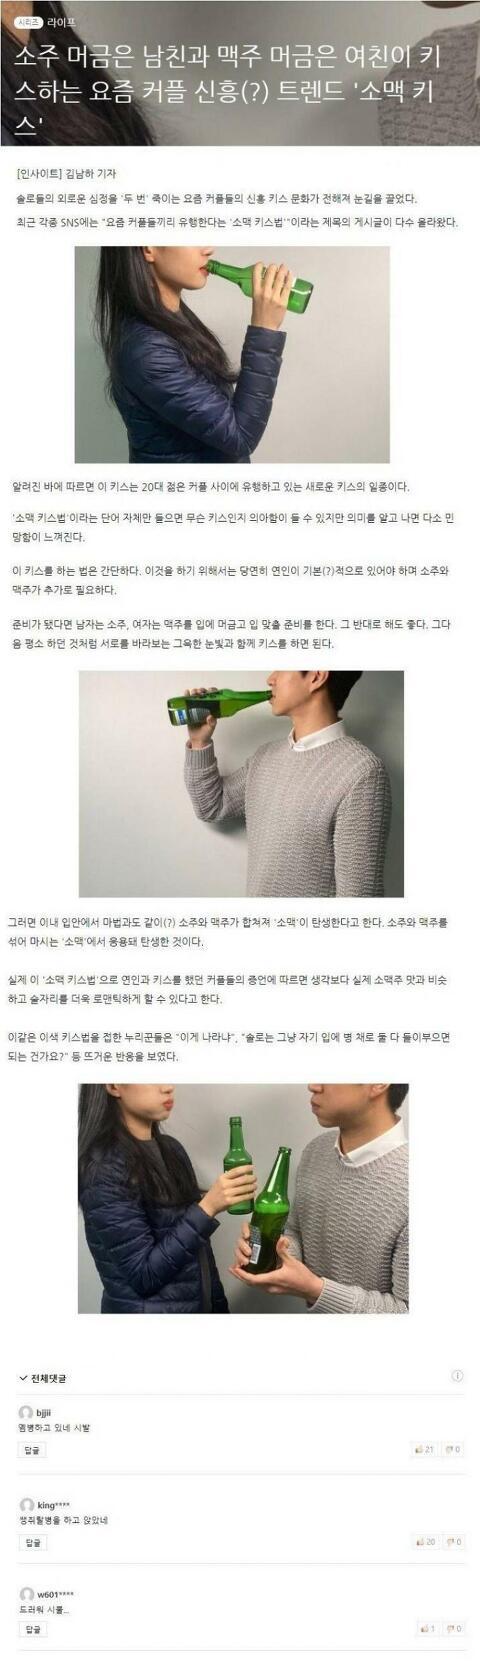 [계층]소맥 키스